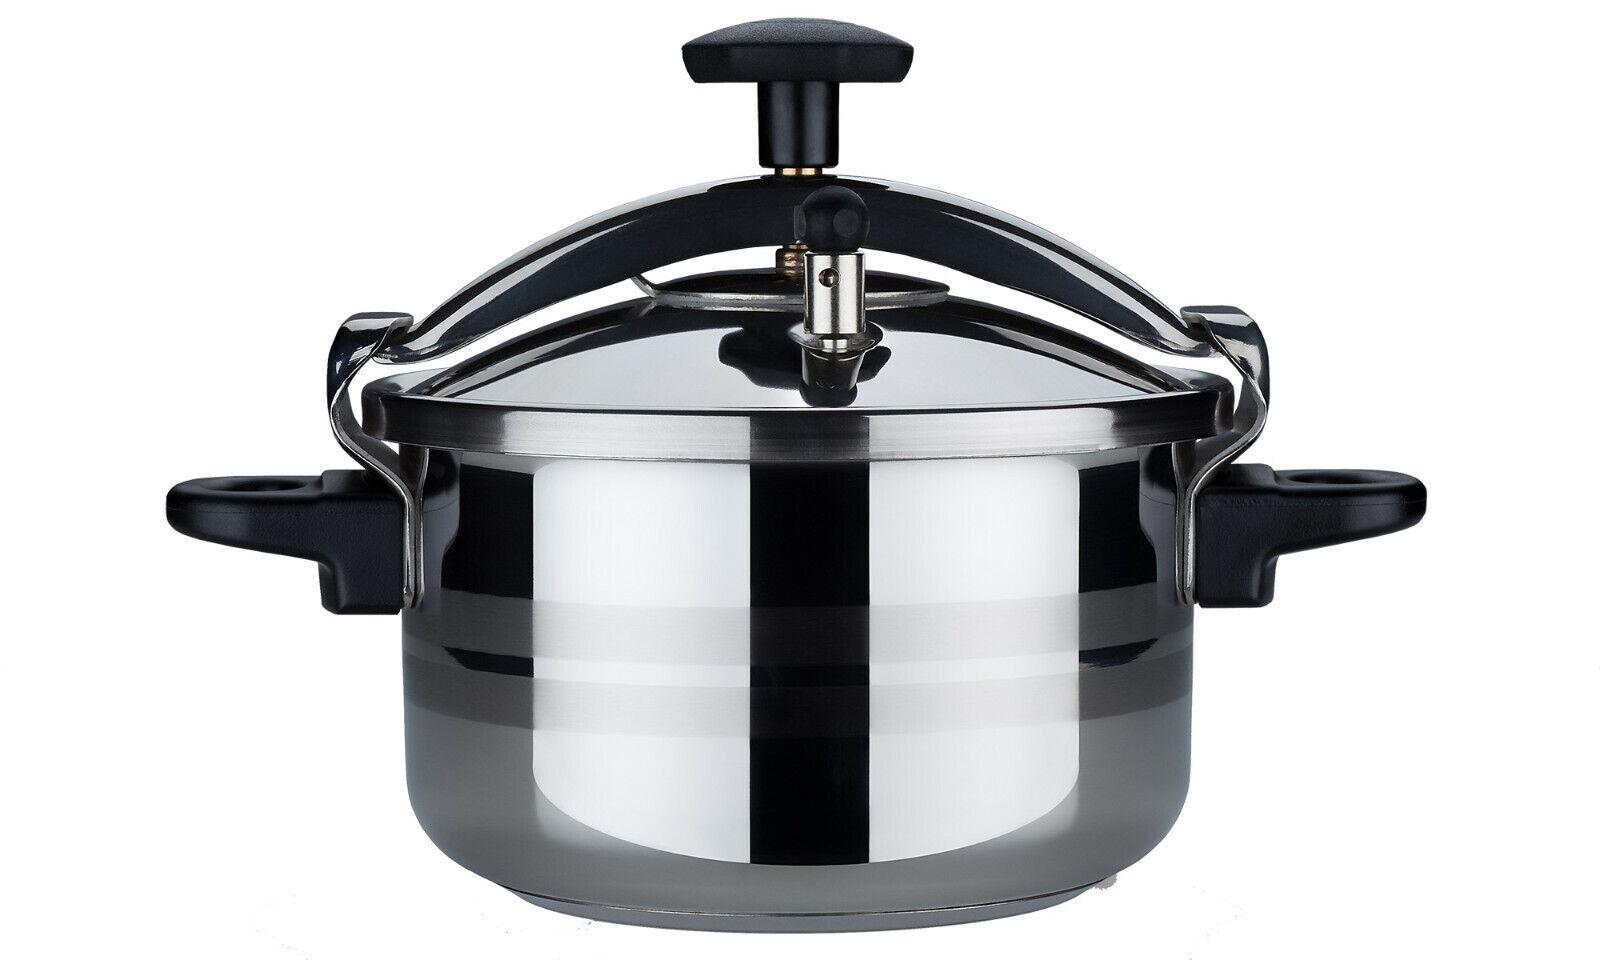 Evinox Classic Cuisinière Autocuiseur Induction 18 10 cuisine en acier inoxydable